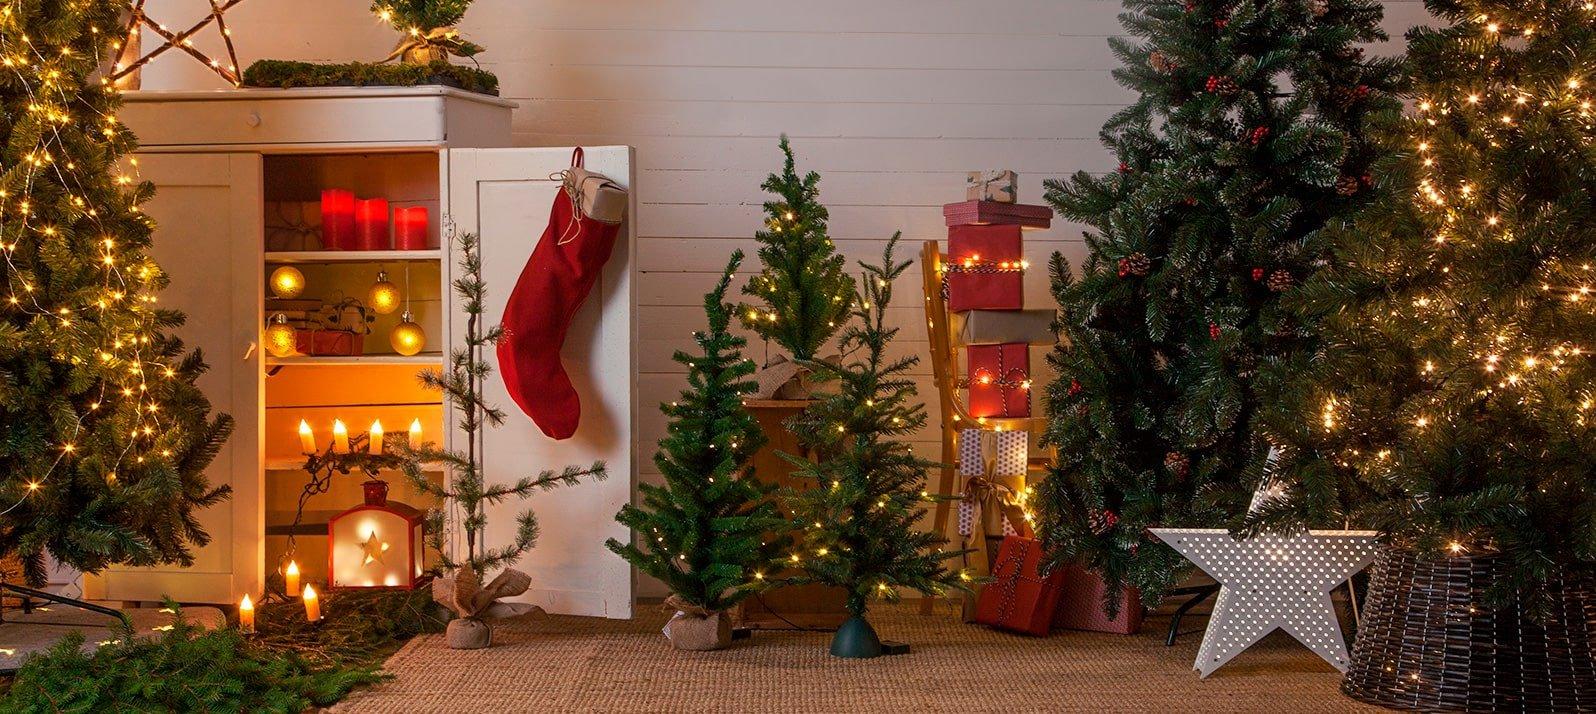 Entrega rápida Navidad